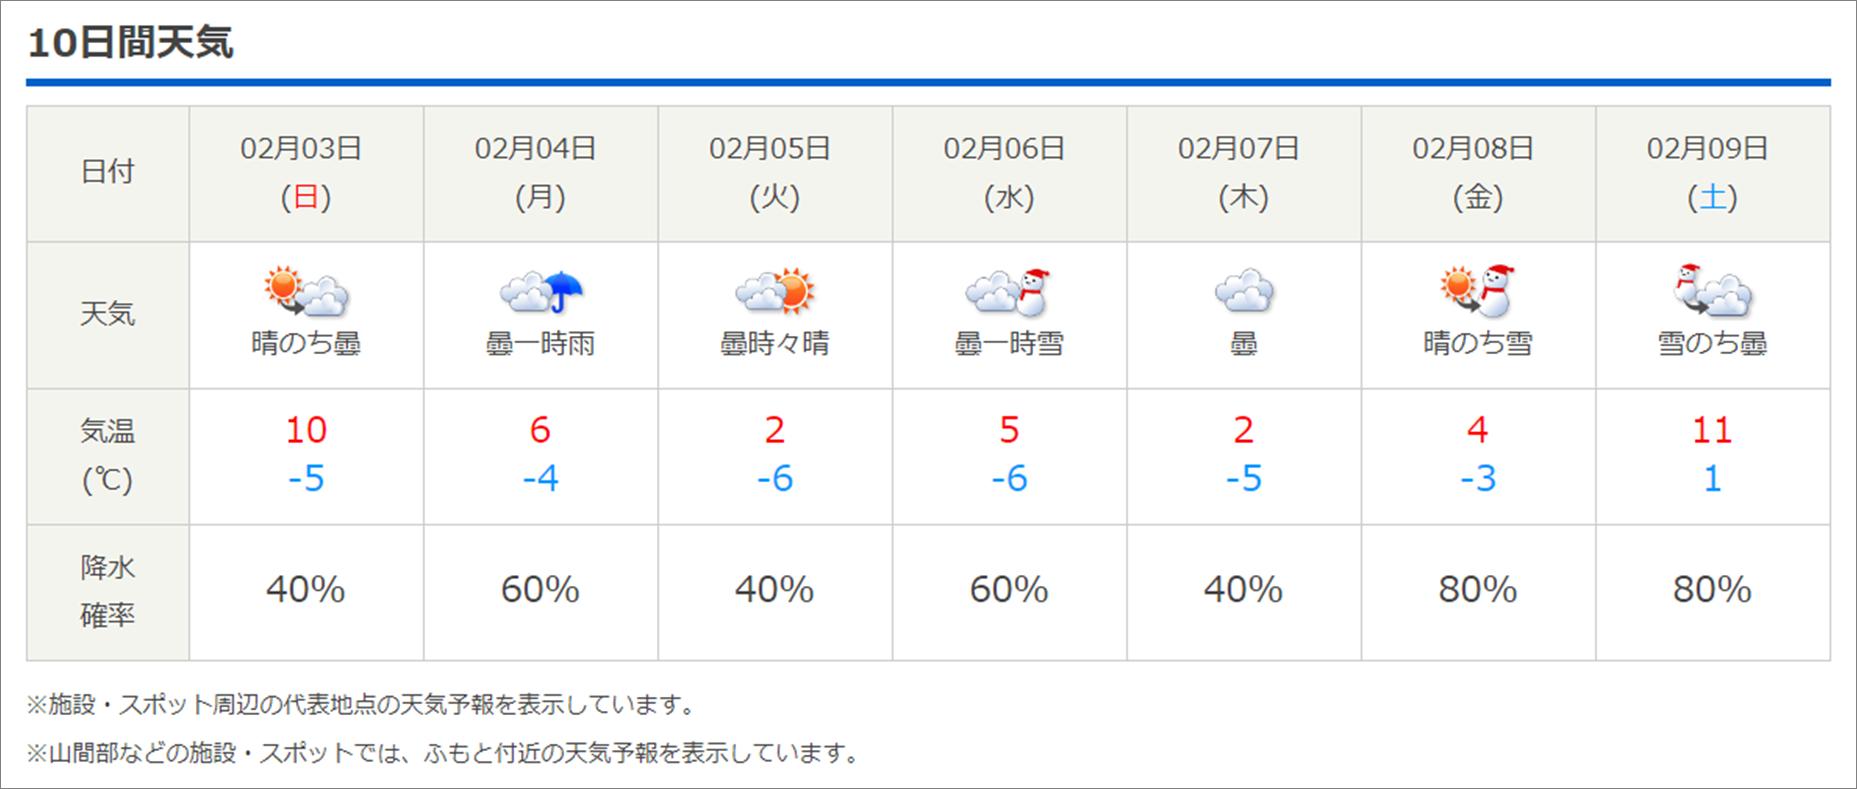 今週末の天気と気温(2019年1月31日)_b0174425_13365976.png